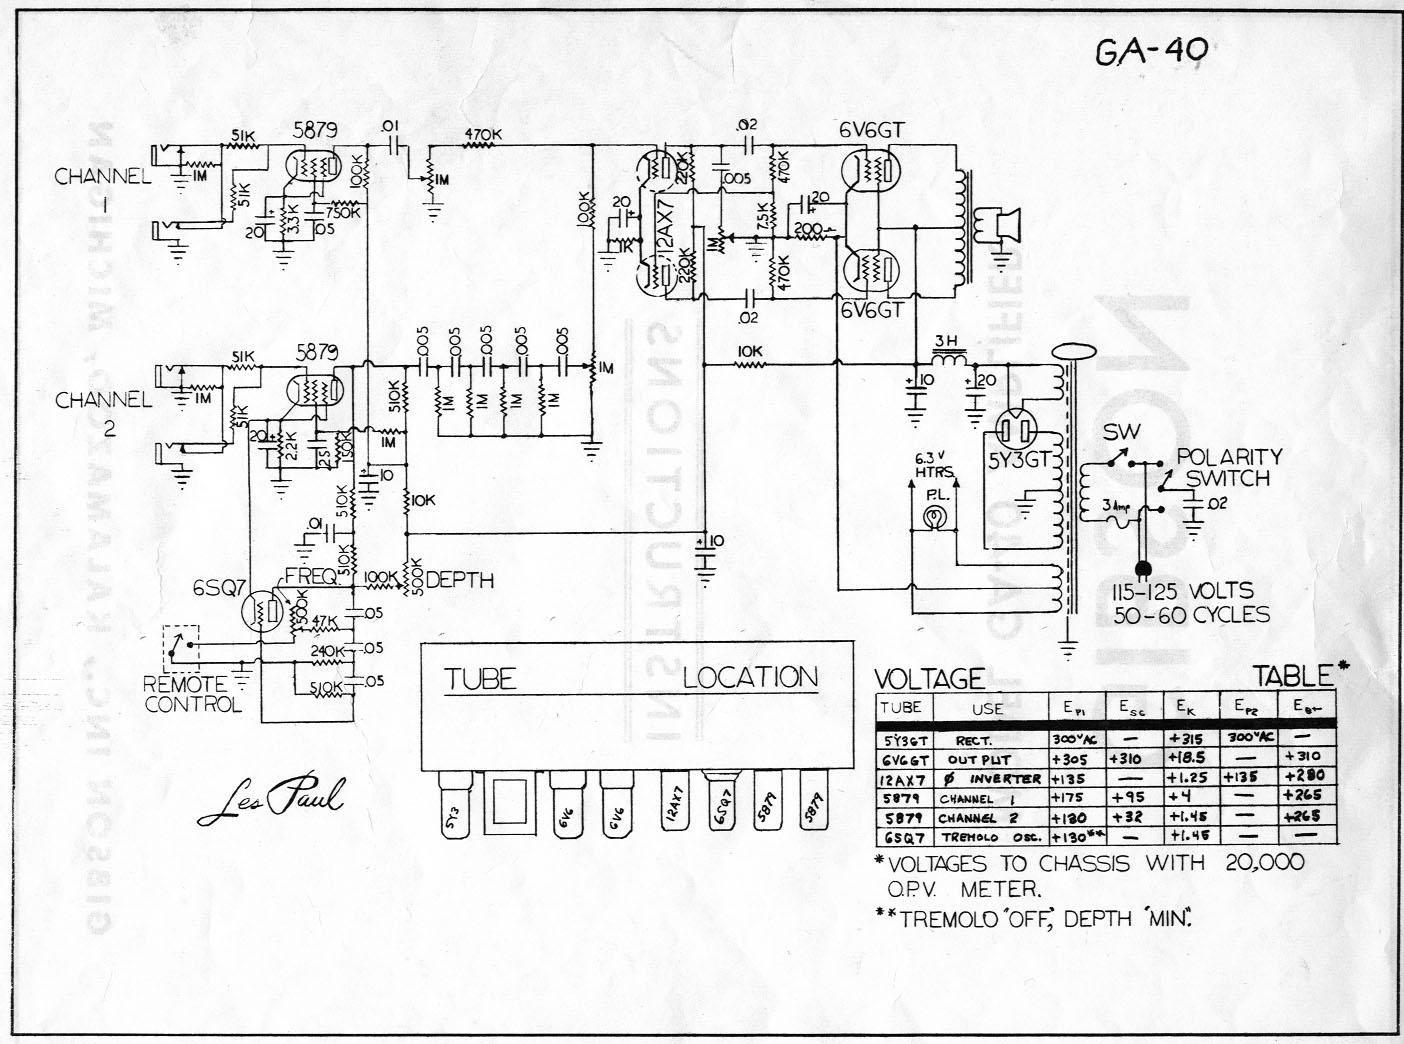 [FPWZ_2684]  WB_1035] Violin Bass Guitar Wiring Diagram Wiring Diagram | Violin Bass Guitar Wiring Diagram |  | Batt Animo Hyedi Vell Vira Mohammedshrine Librar Wiring 101